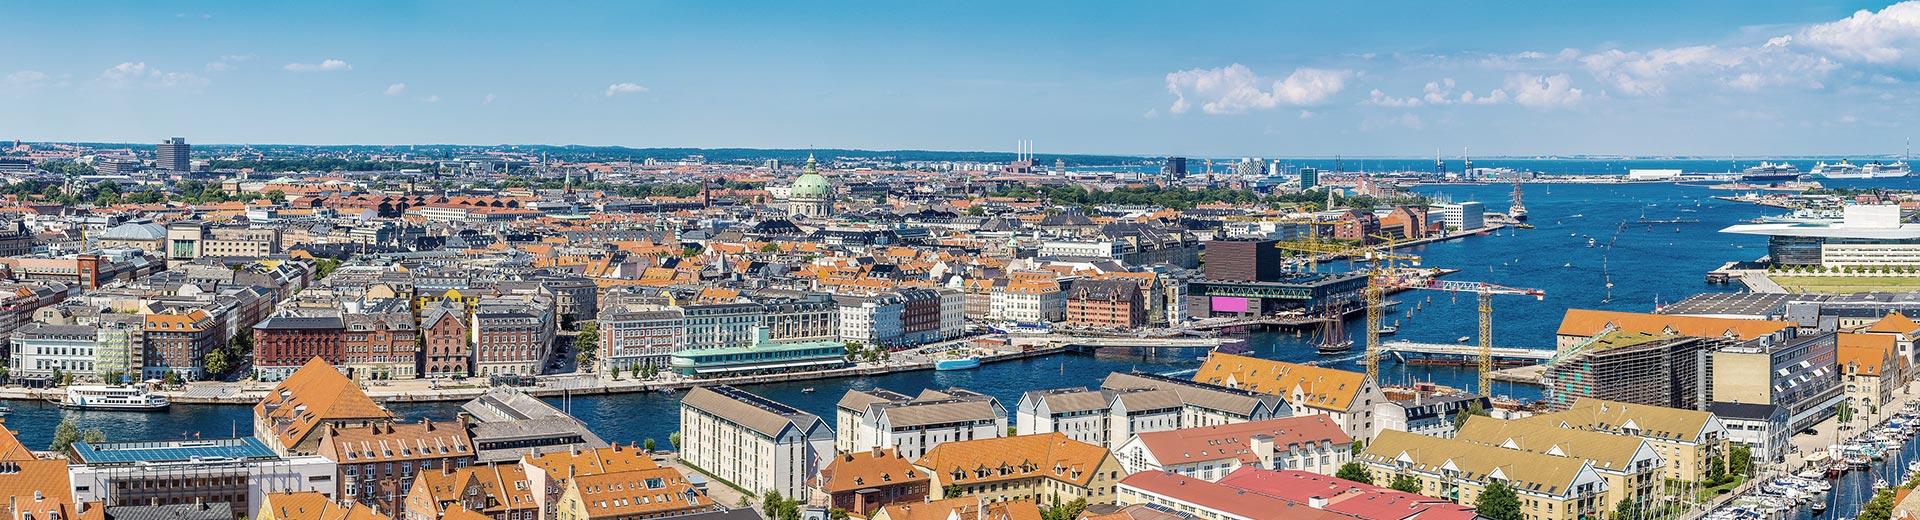 Gruppenreise Kopenhagen - Package Gruppen Select Flug